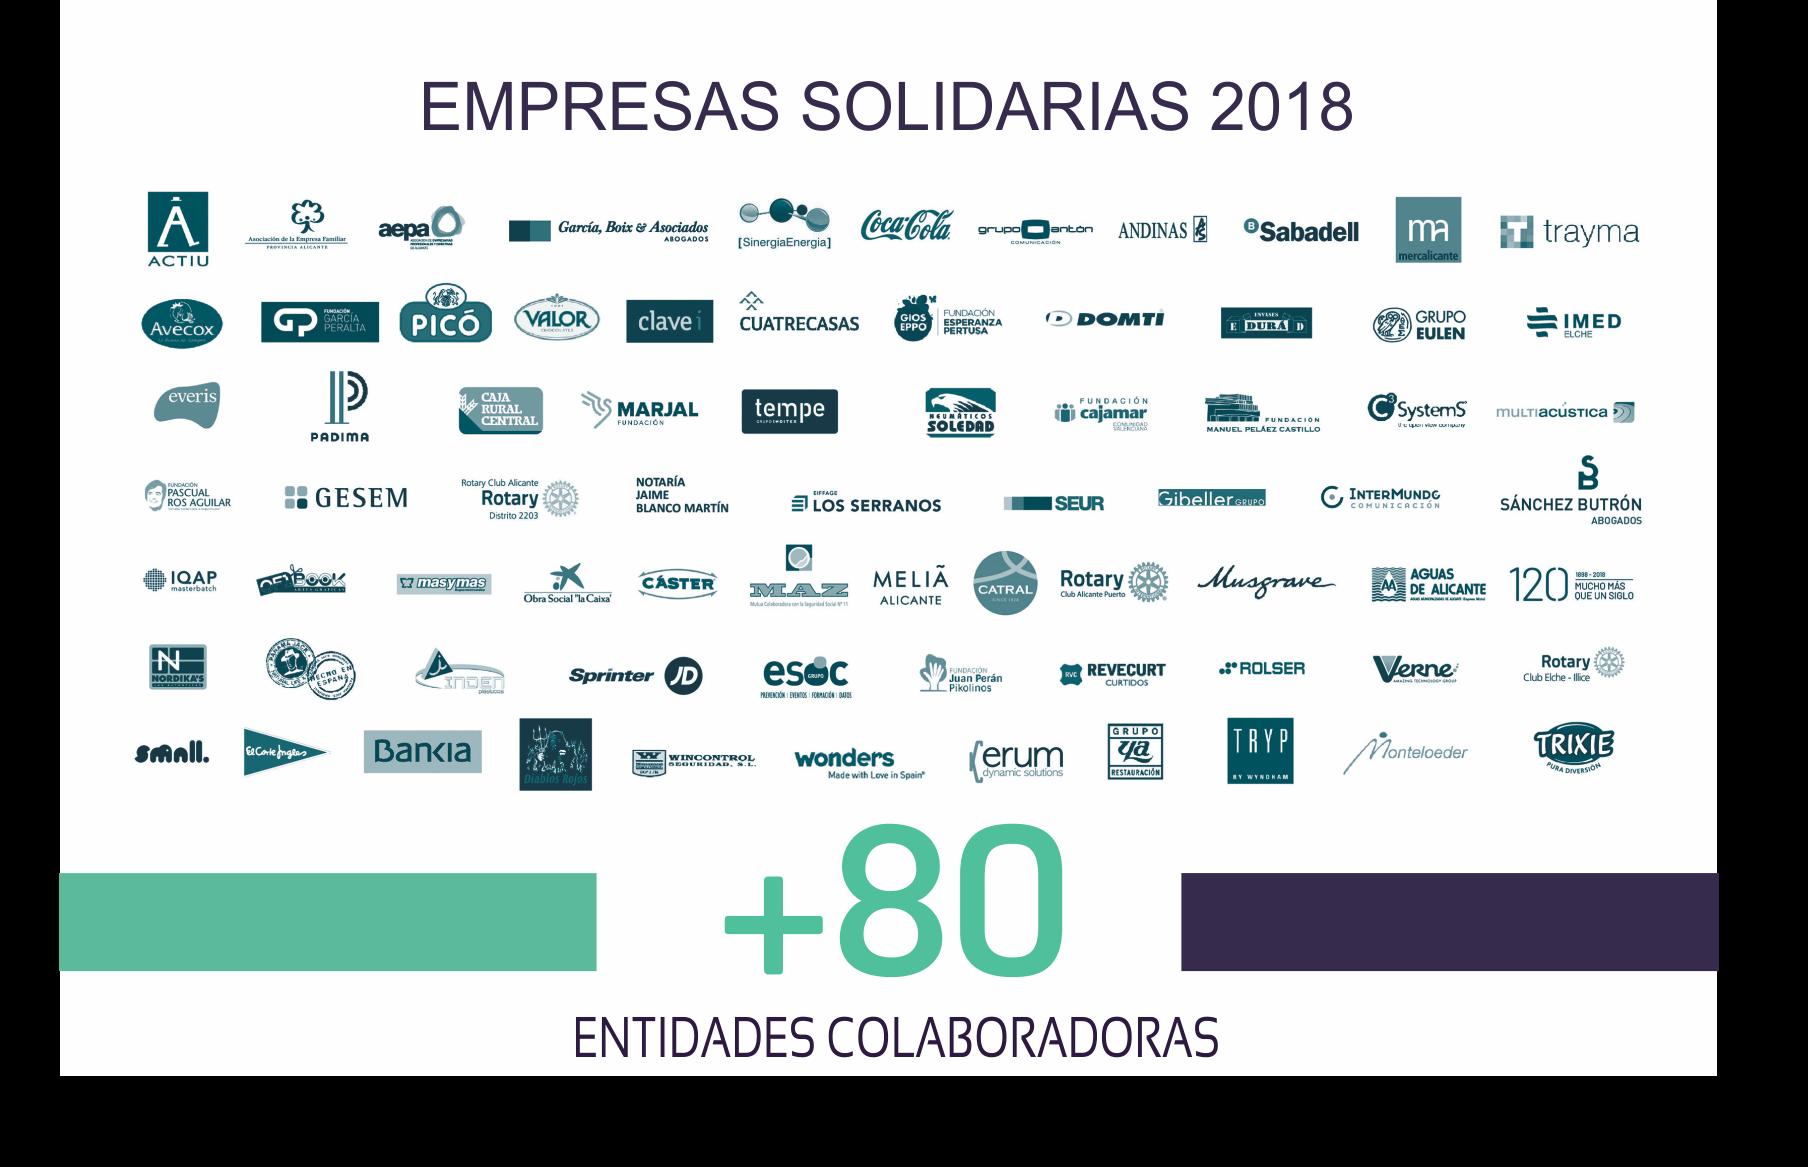 Empresas solidarias Alicante 2018